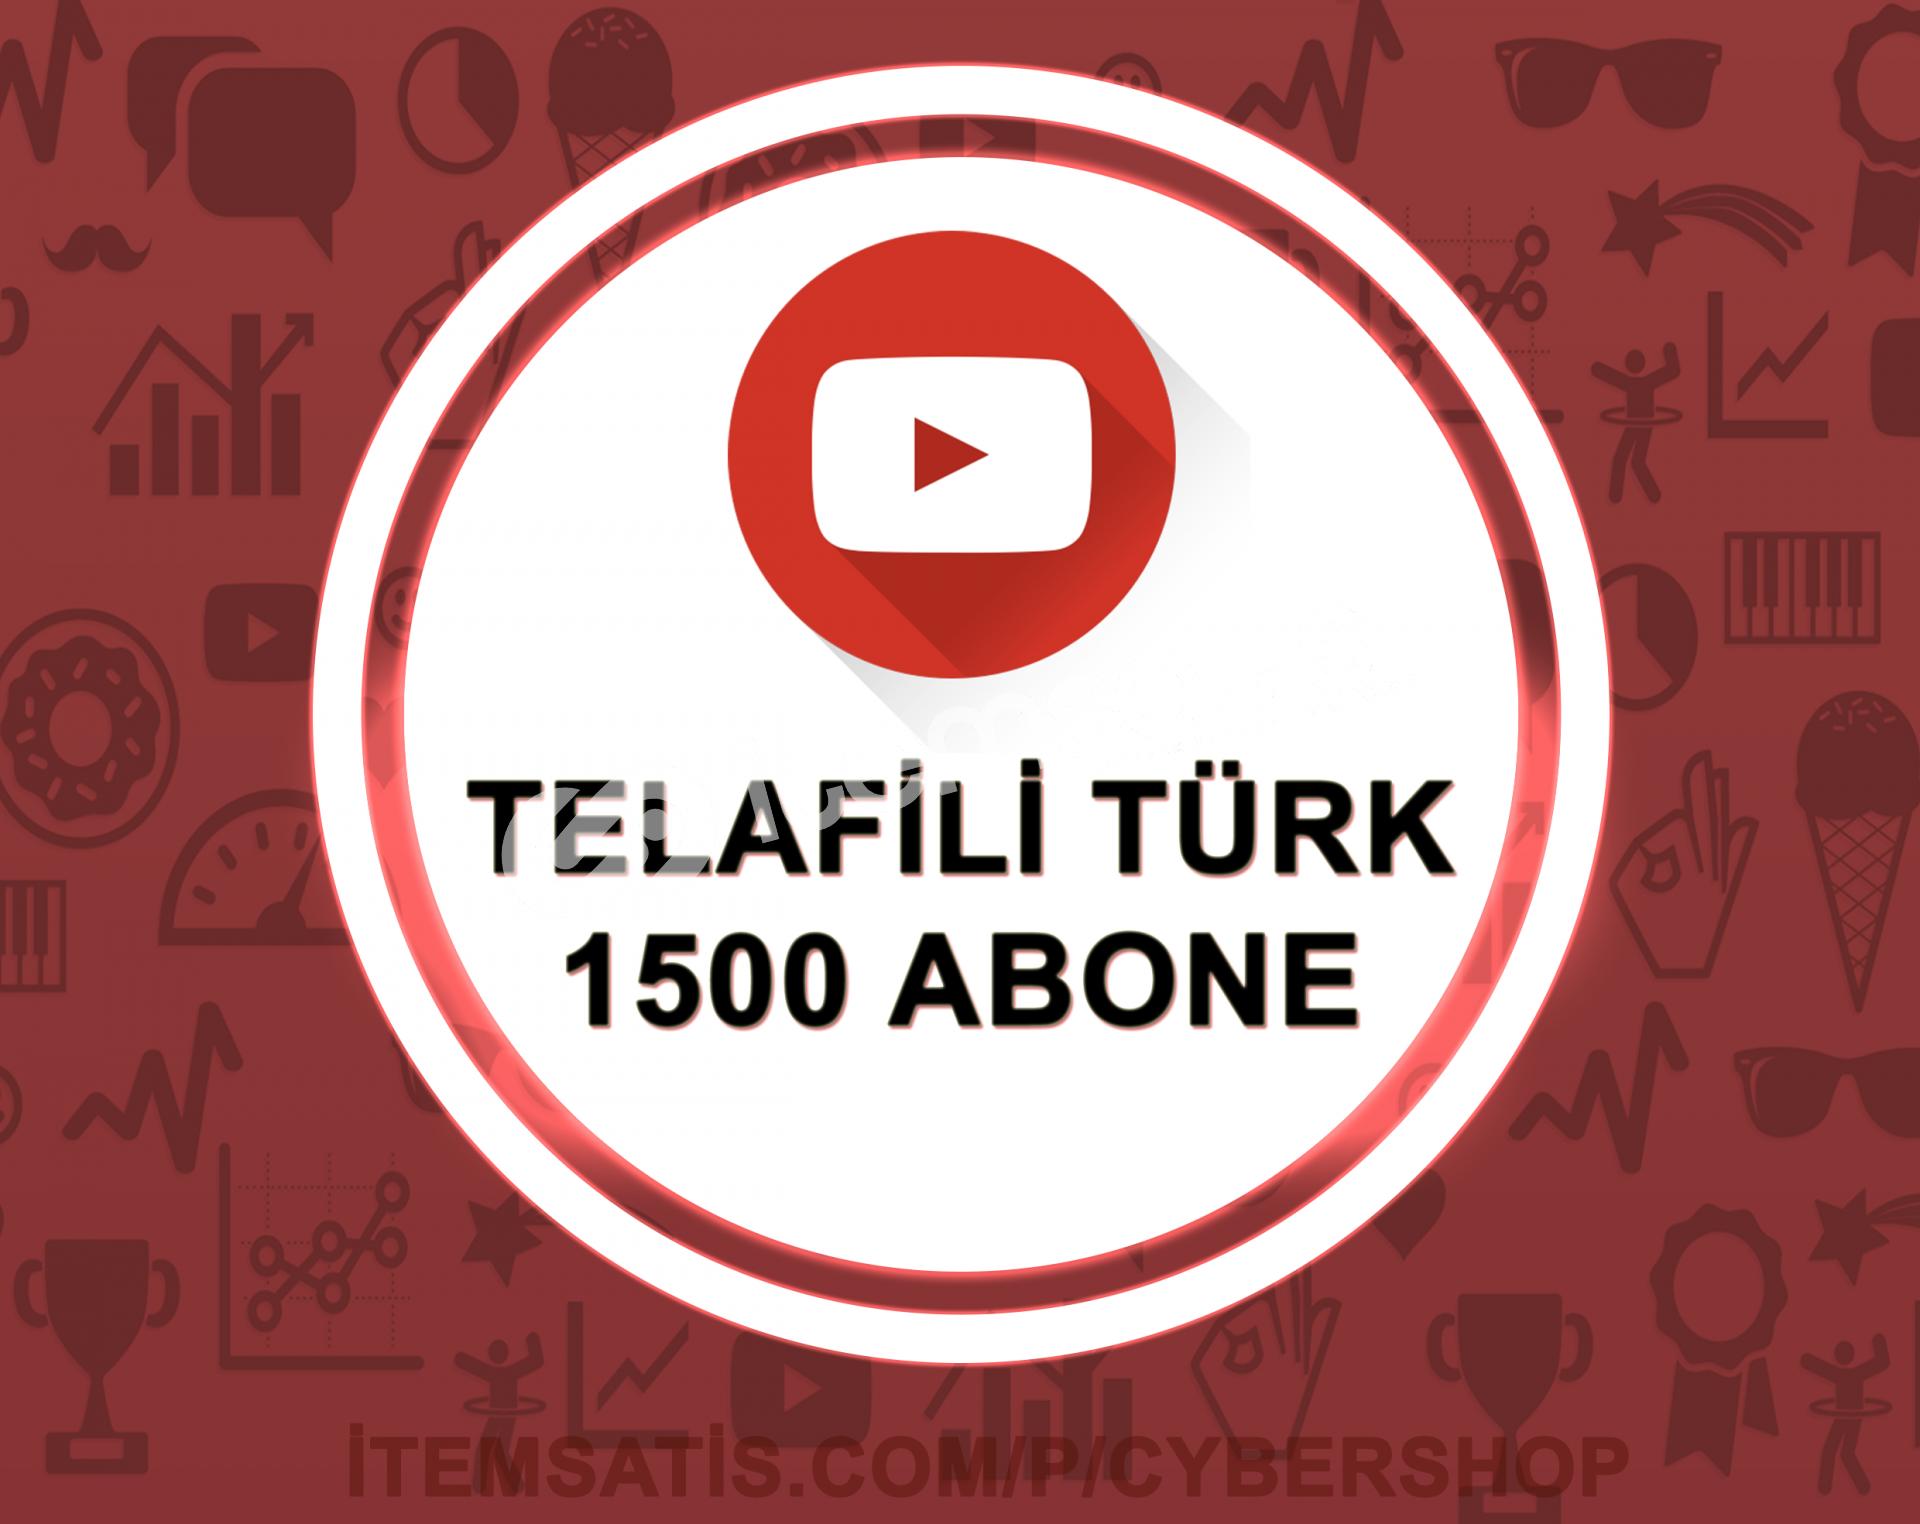 15 Gün Telafili Türk 1500 Abone (Hızlı Teslimat)